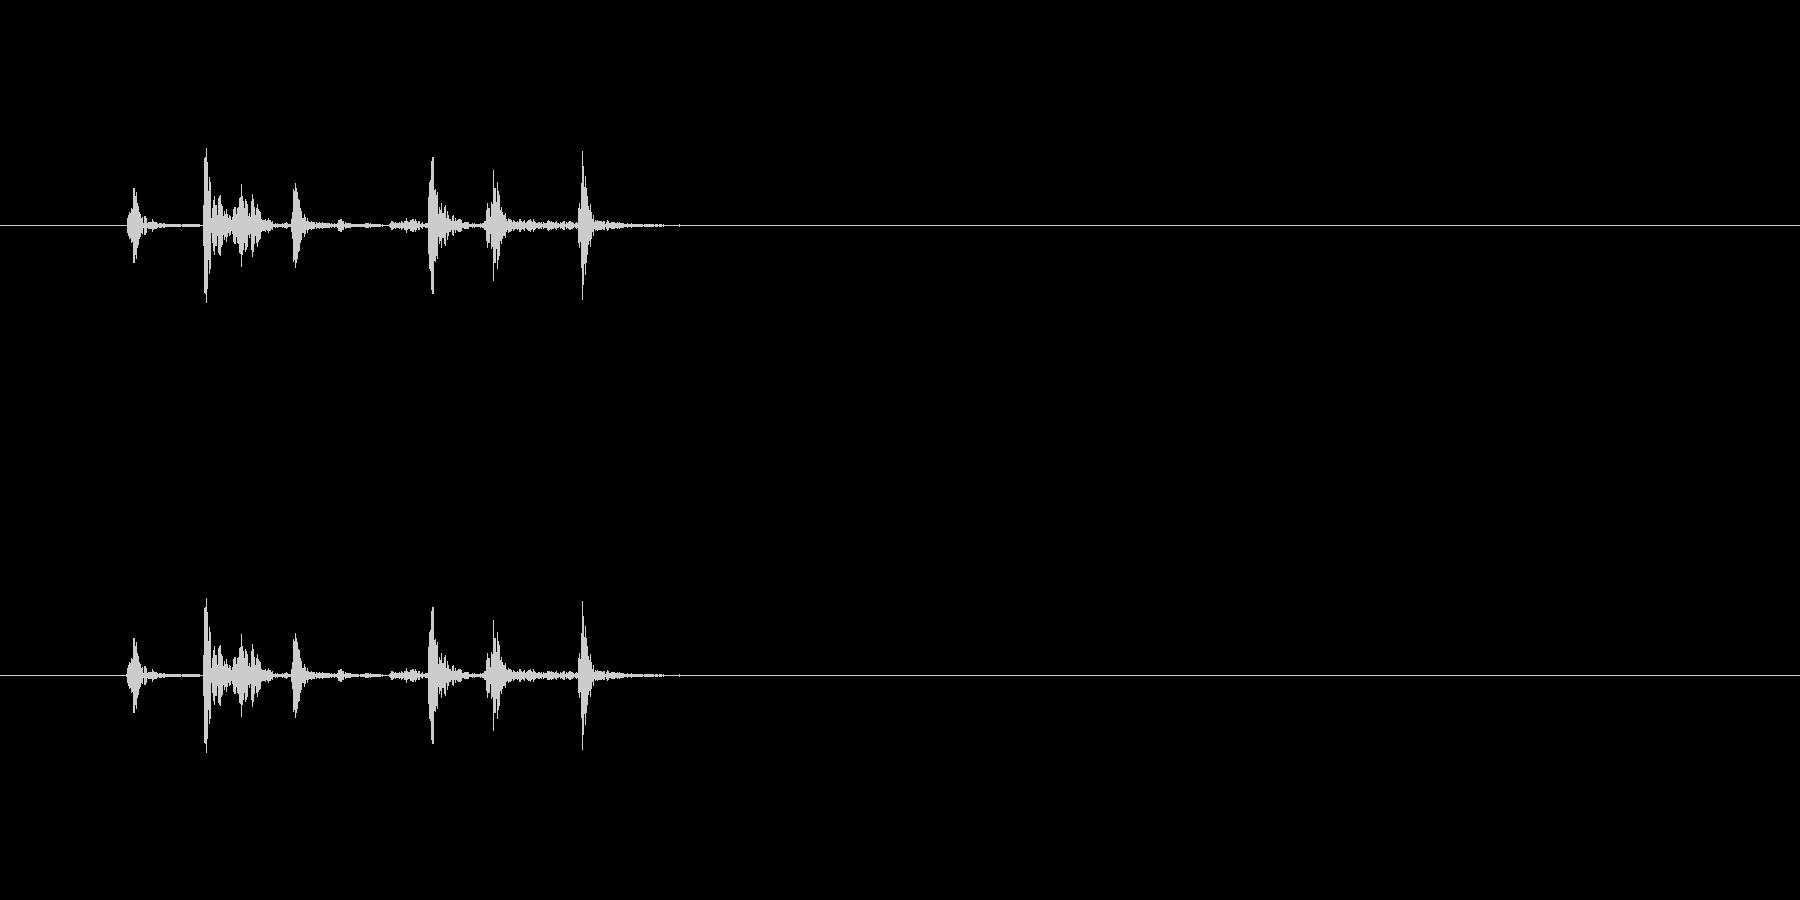 【鉛筆削り02-4(閉じる)】の未再生の波形